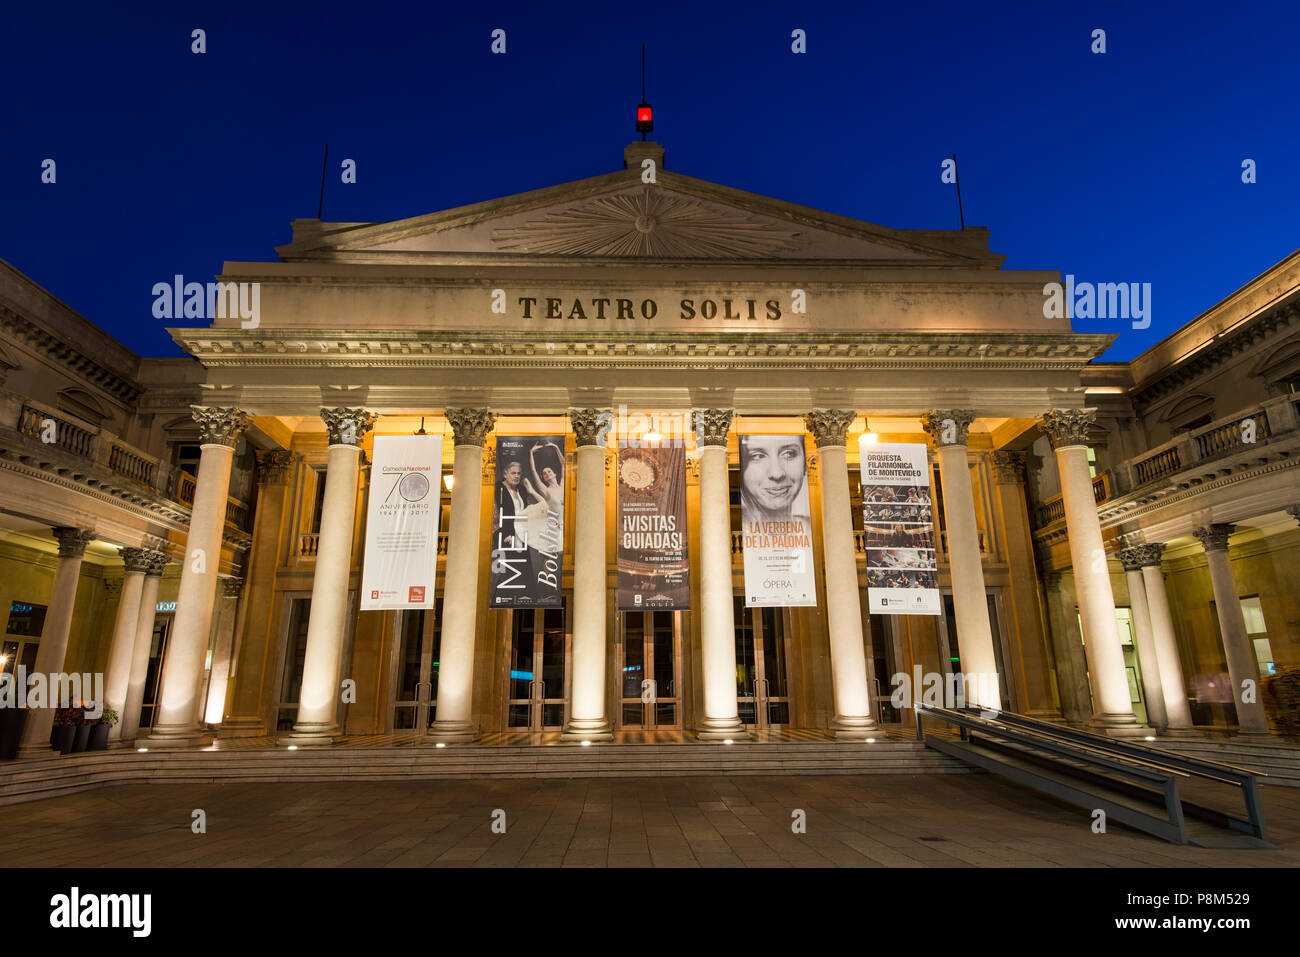 Teatro Solis, théâtre, de nuit, de Montevideo, Uruguay Photo Stock